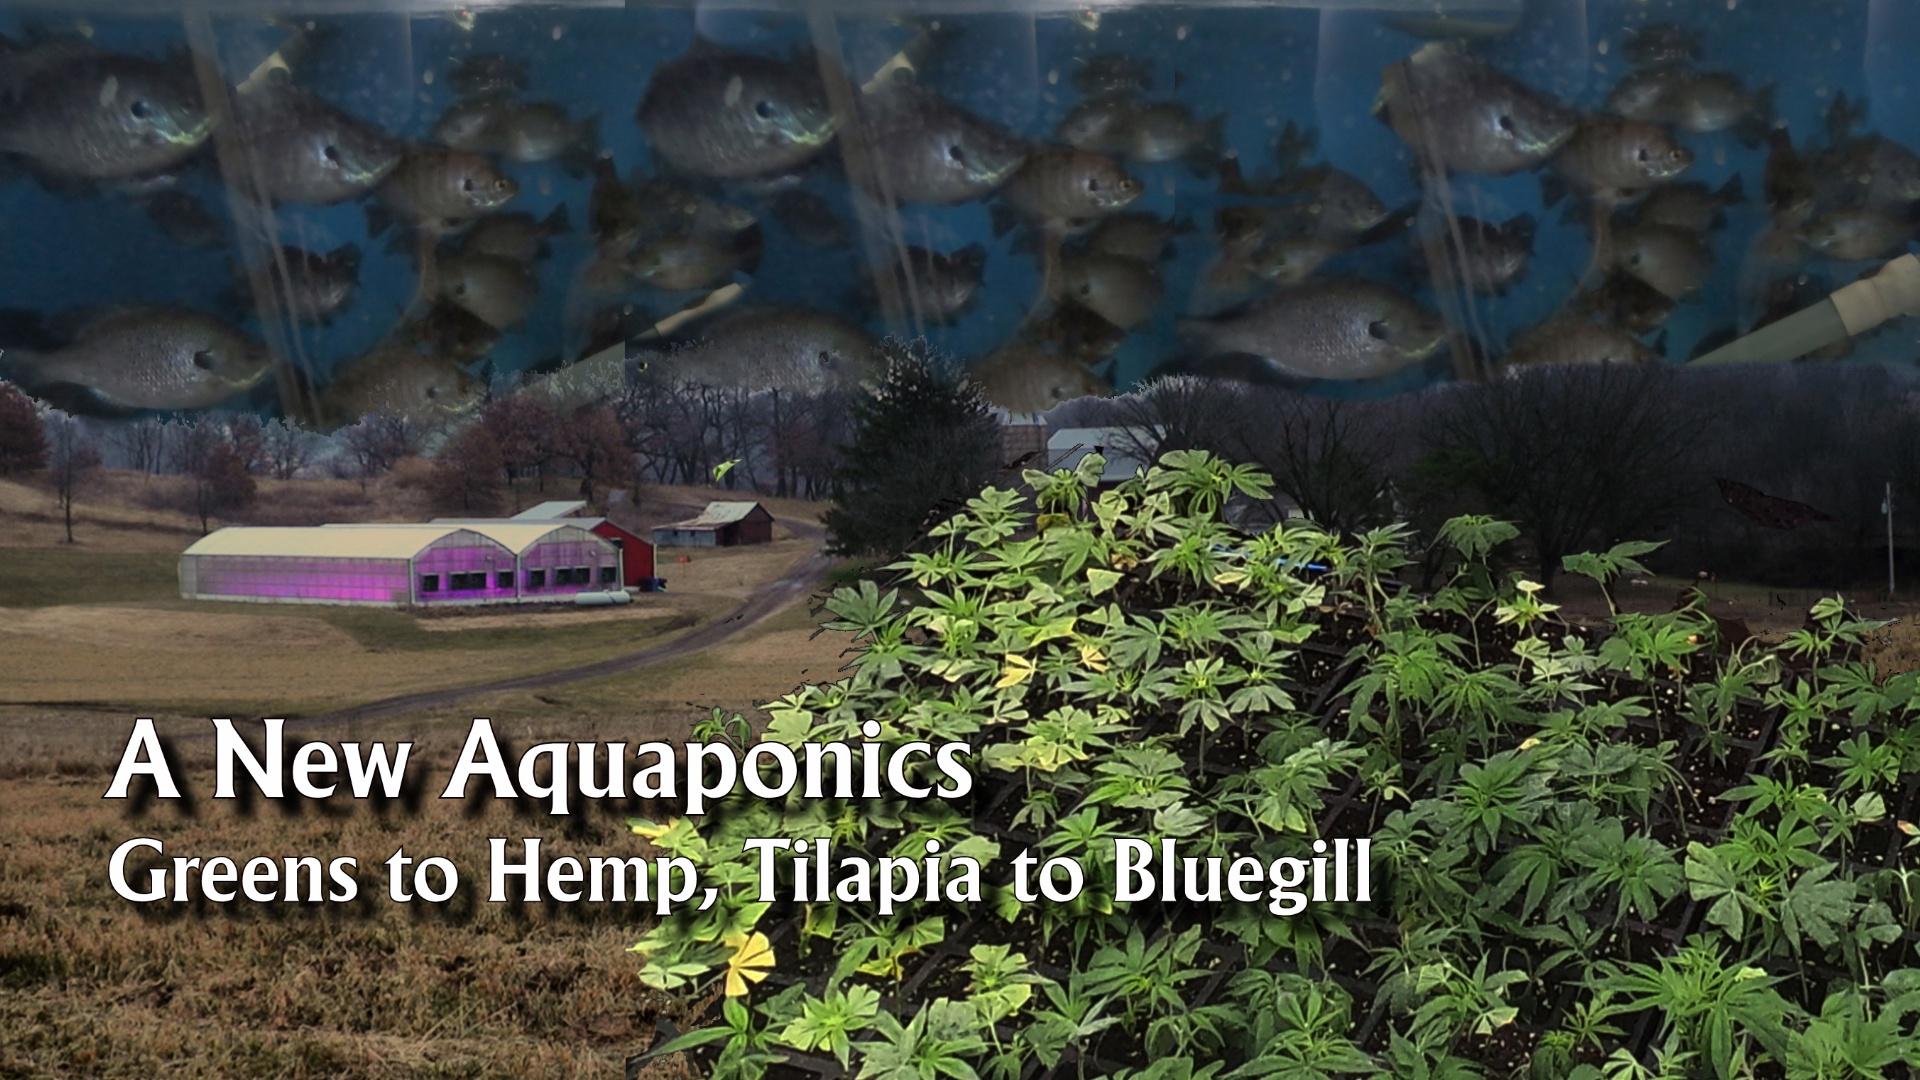 A New Aquaponics - Greens to Hemp, Tilapia to Bluegill